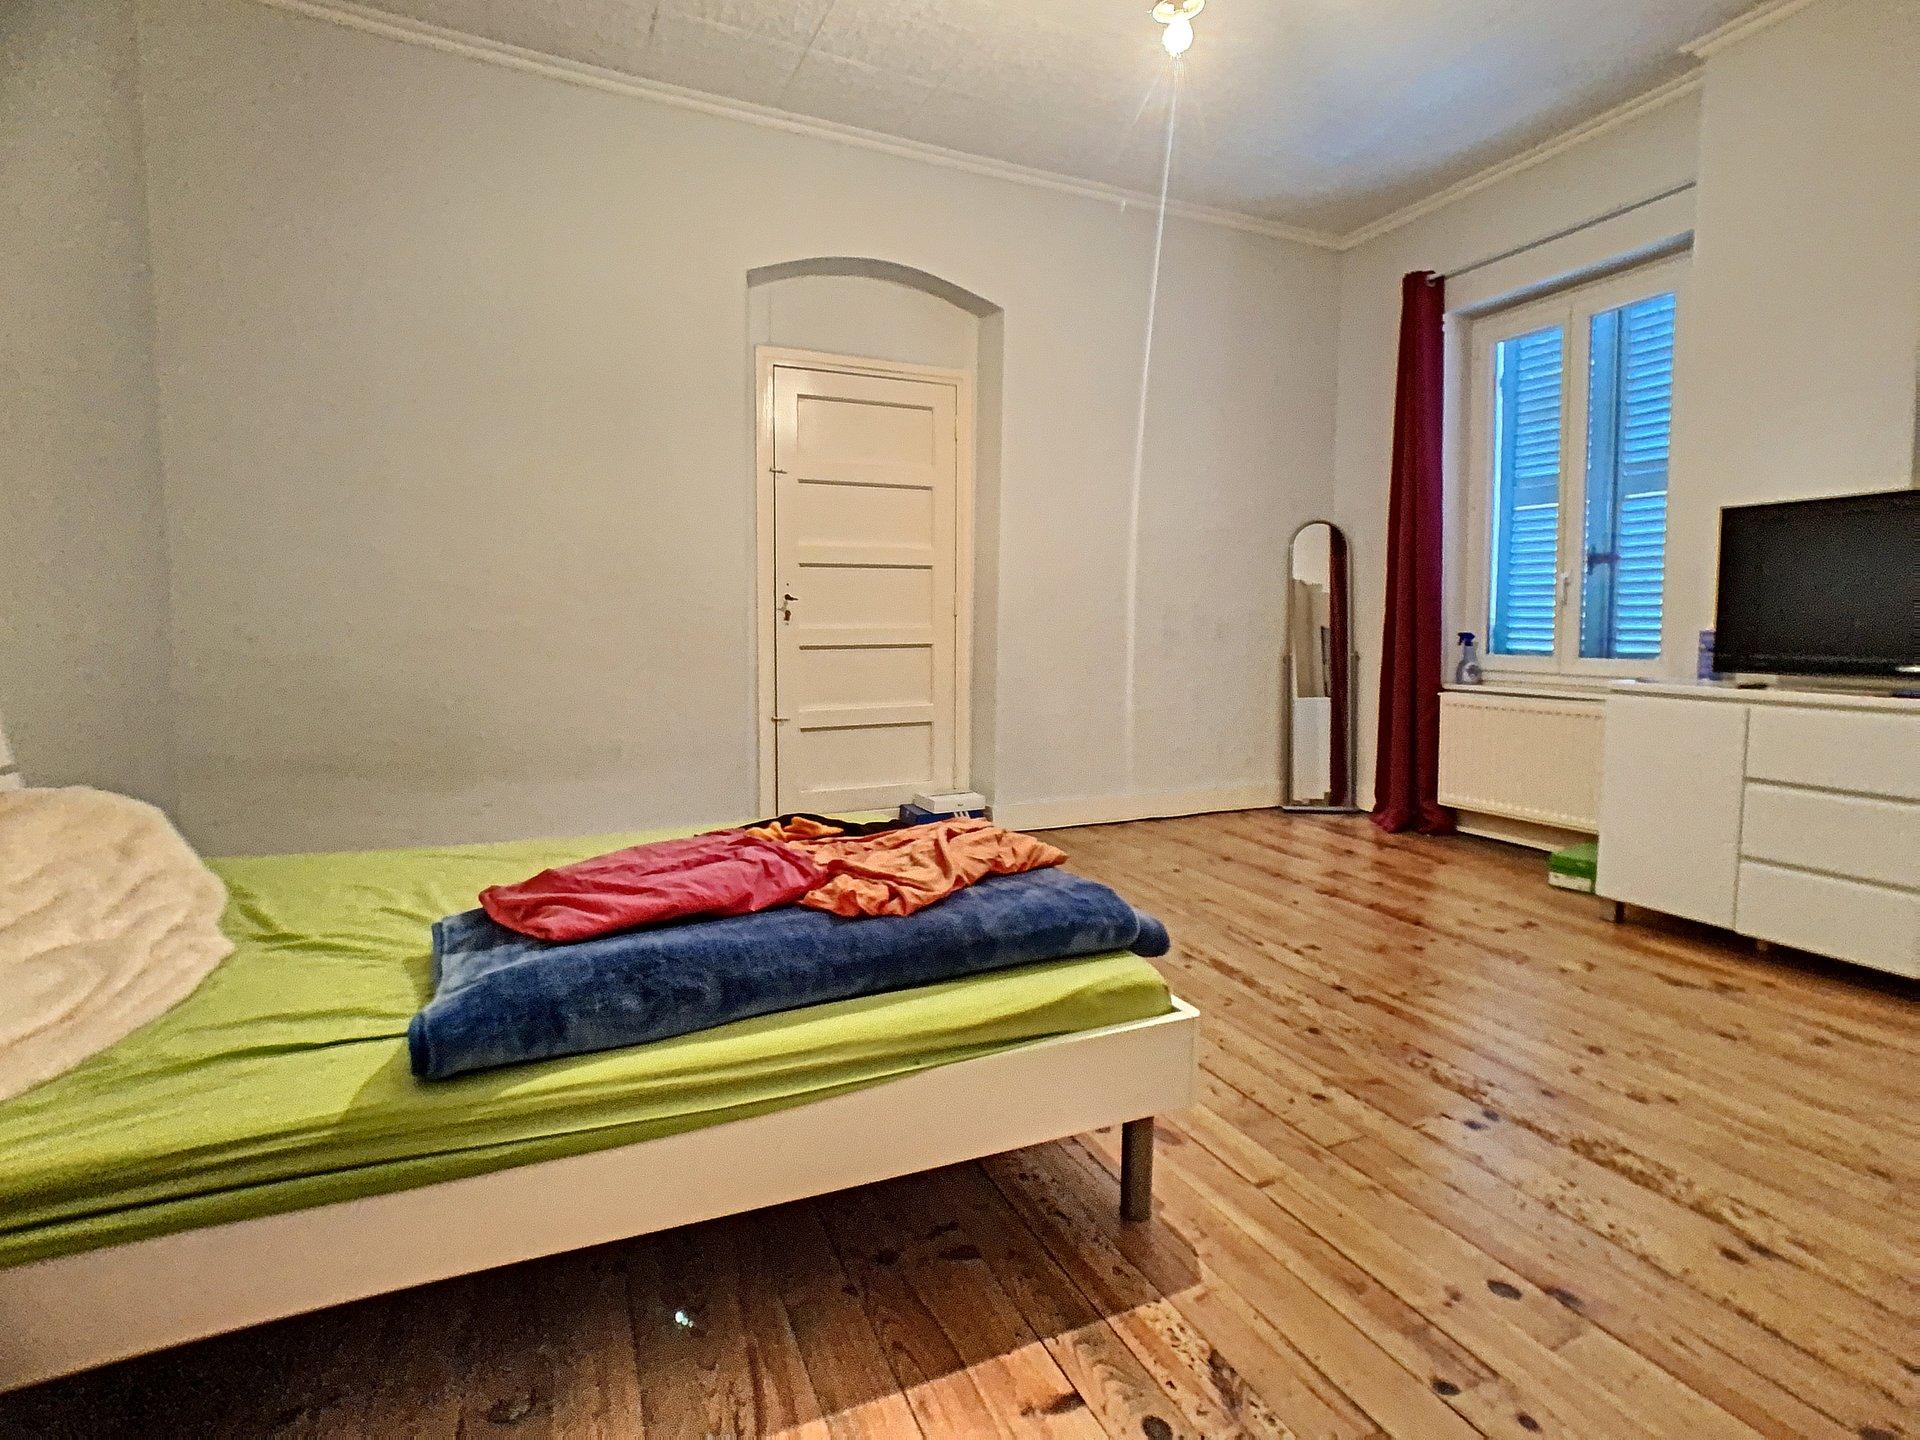 Maison et appartement .